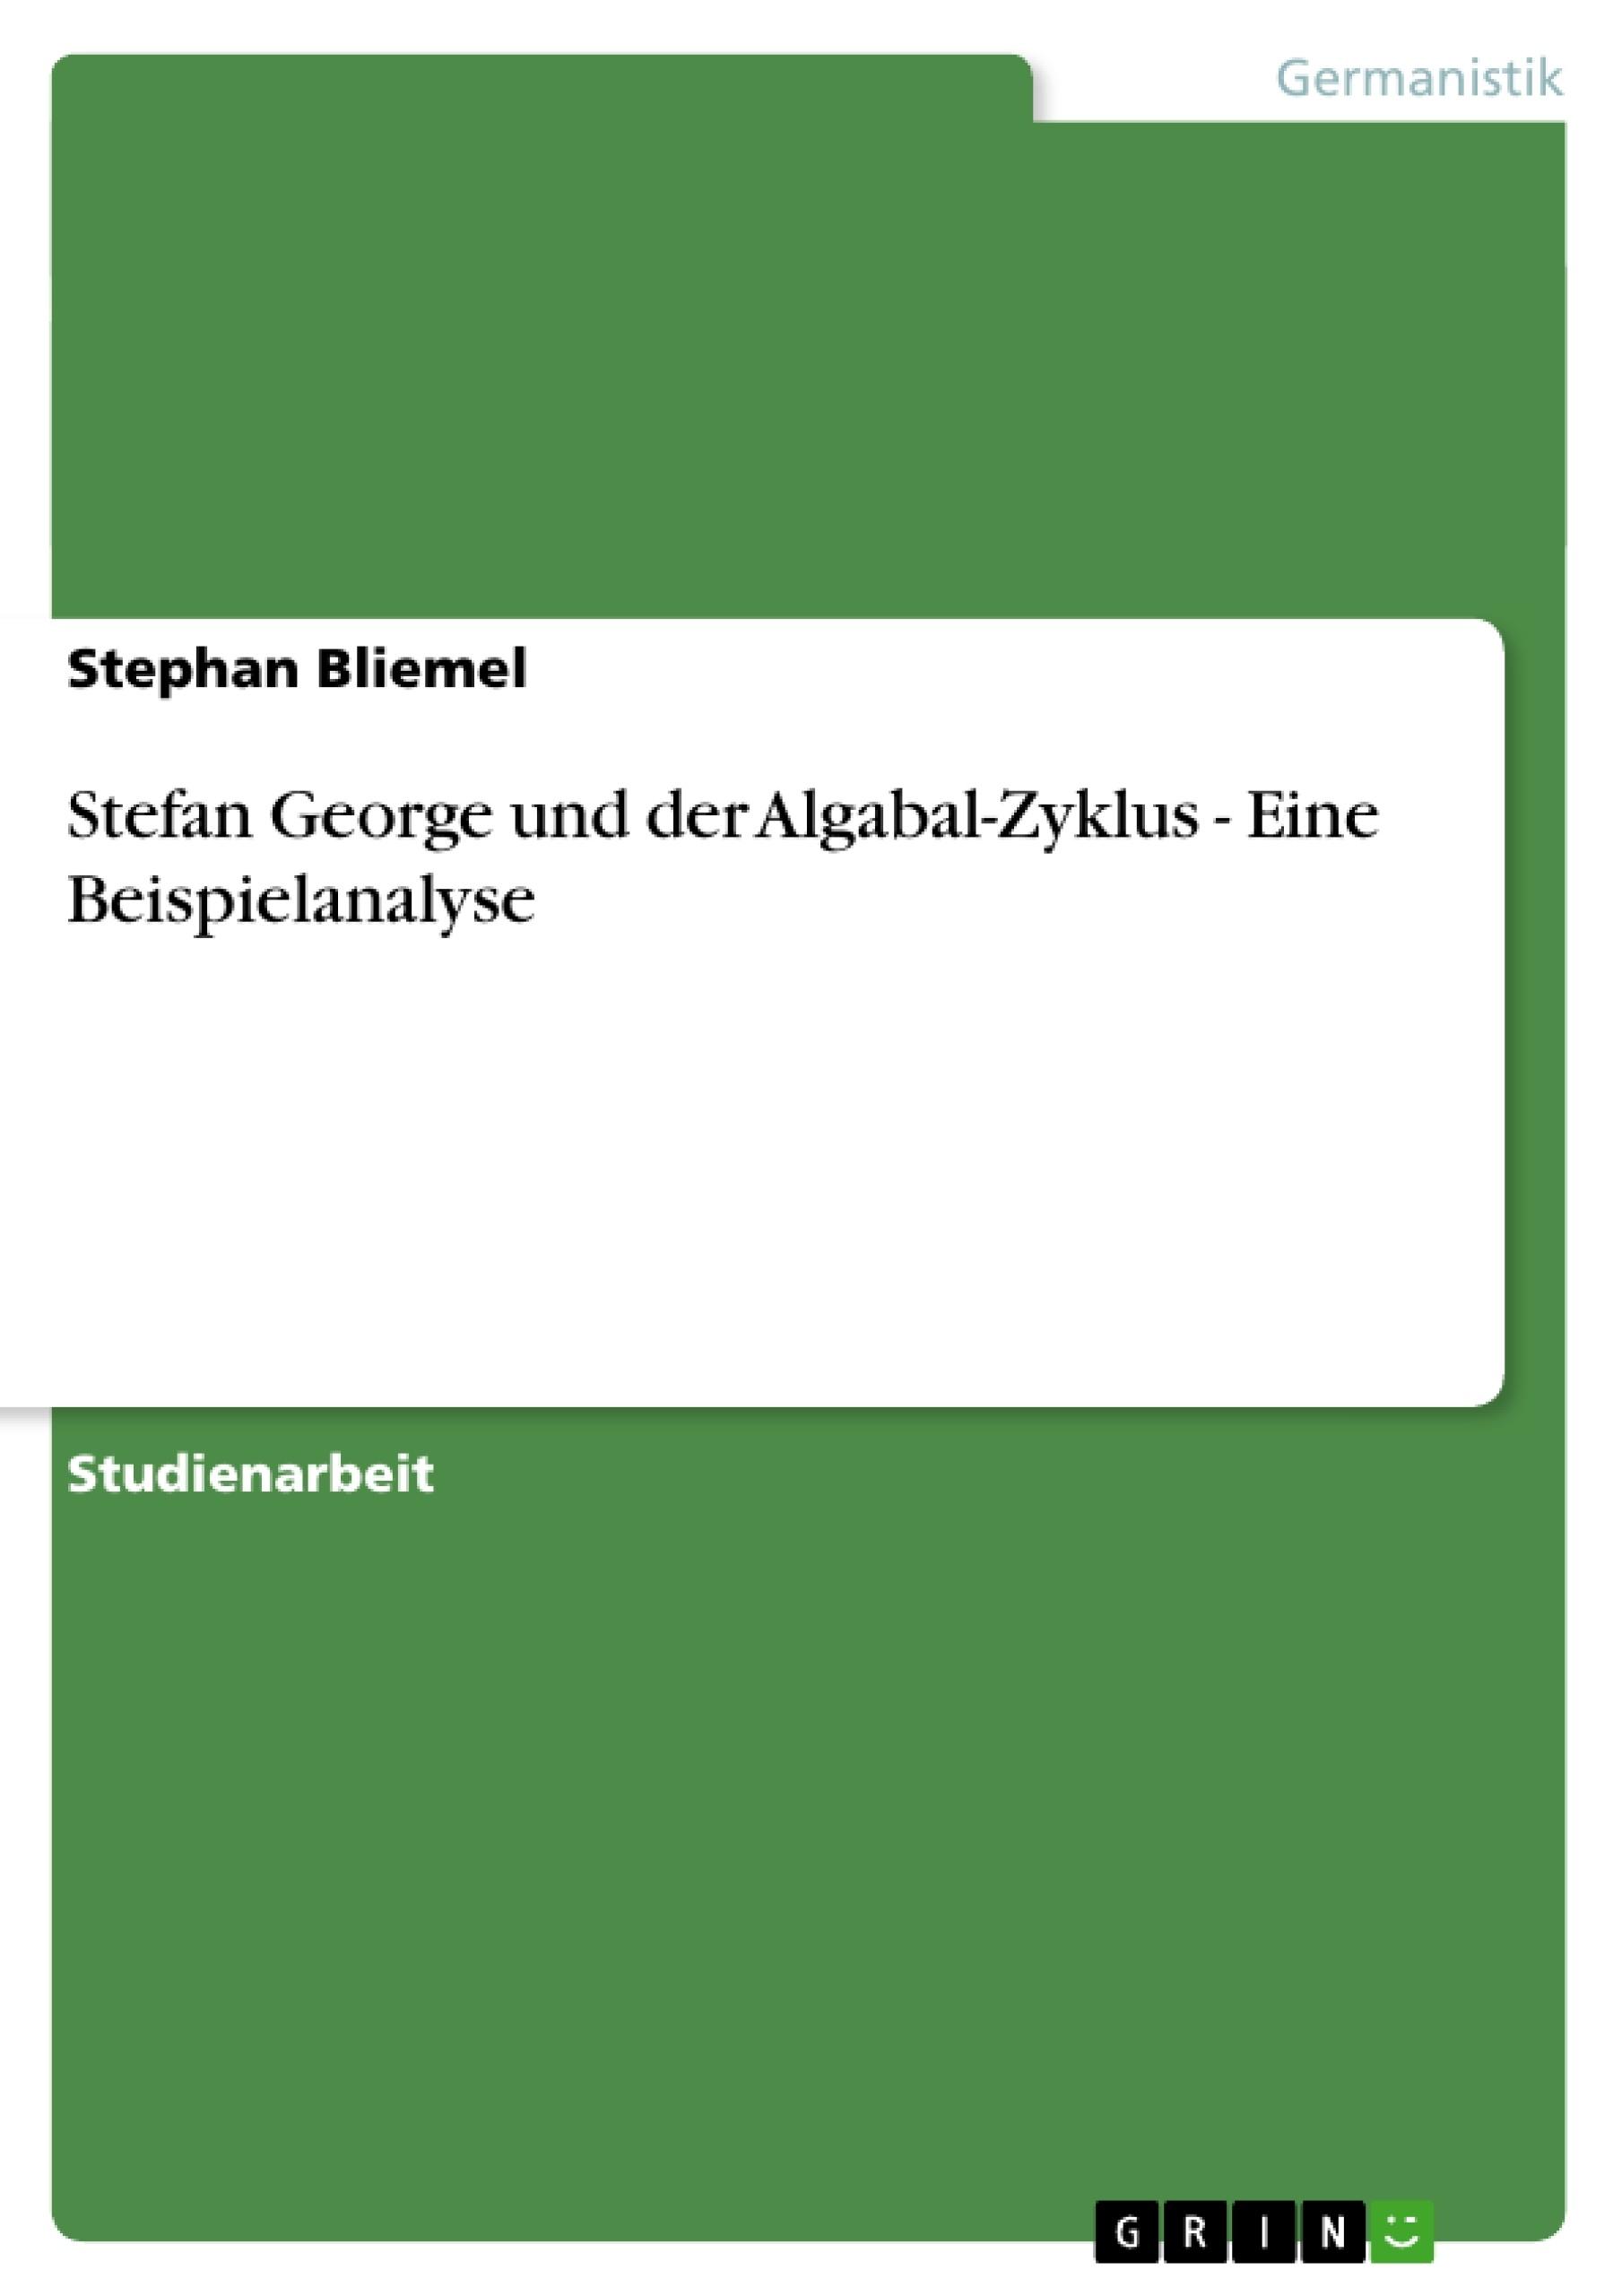 Titel: Stefan George und der Algabal-Zyklus - Eine Beispielanalyse